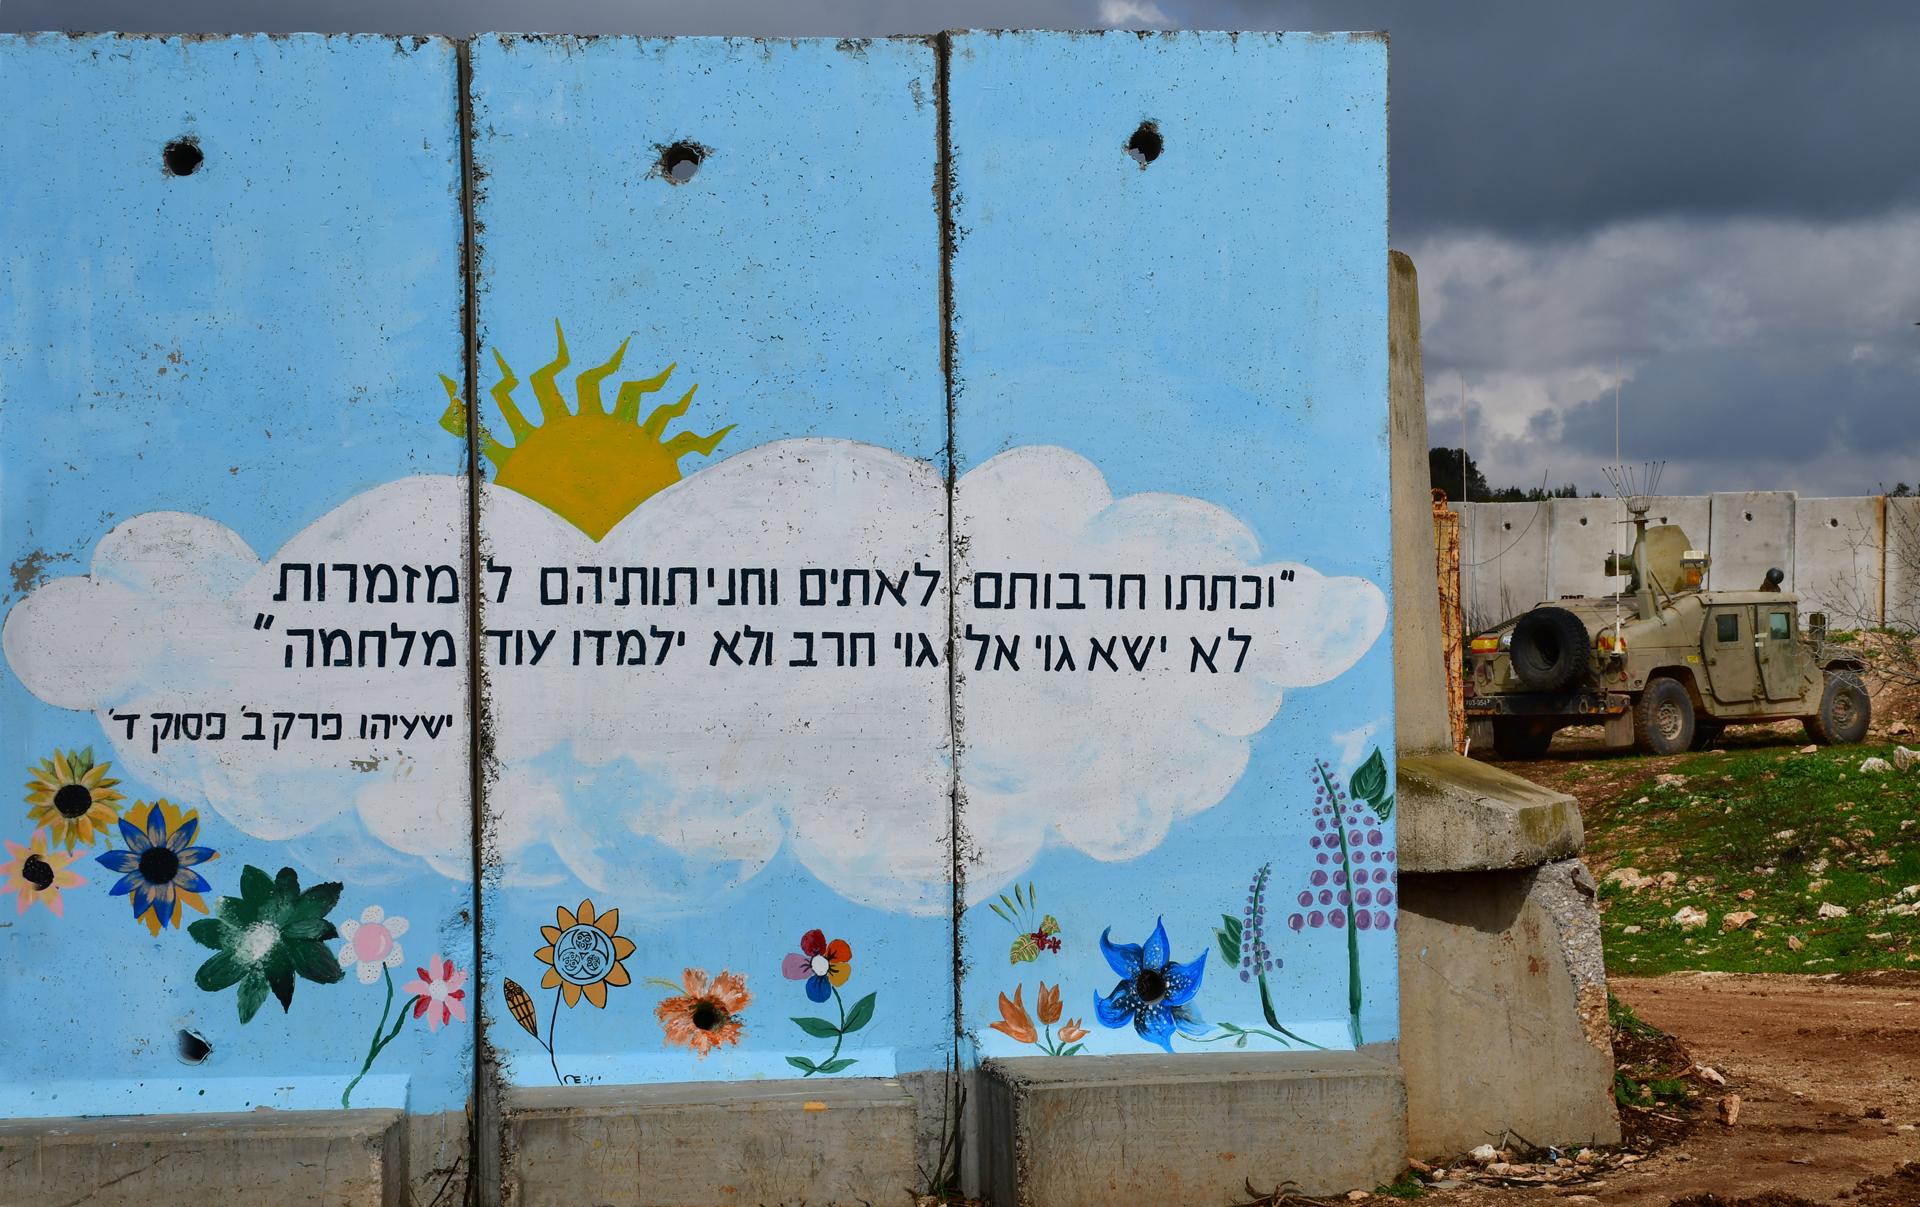 שתולה - כביש הצפון - יואל שתרוג - אדמה יוצר- yoel sitruk